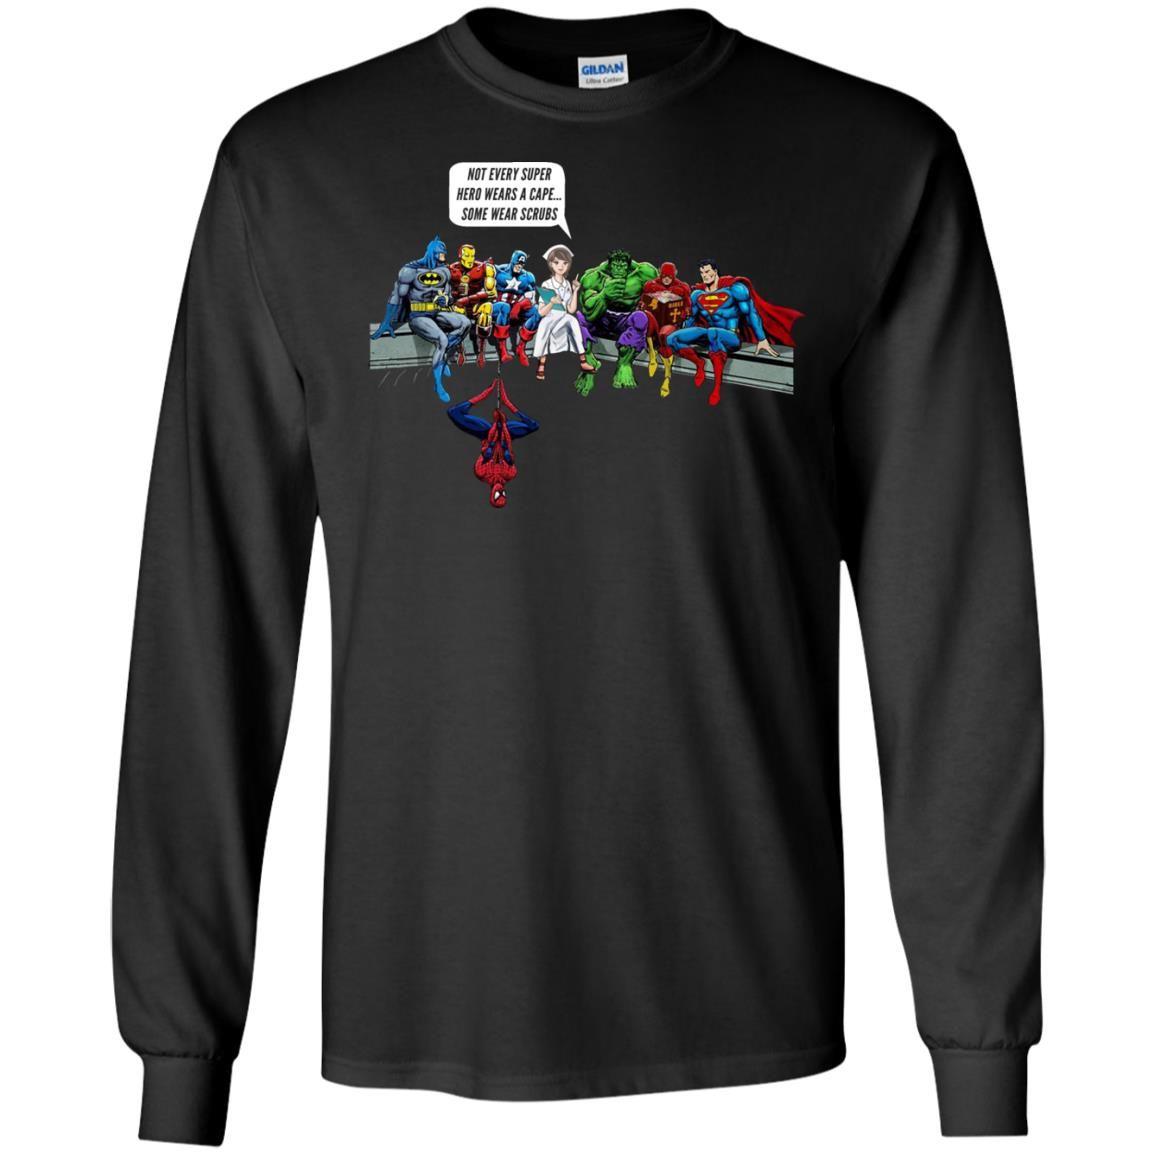 image 1894 - Nurse and Superheroes shirt, hoodie, tank top